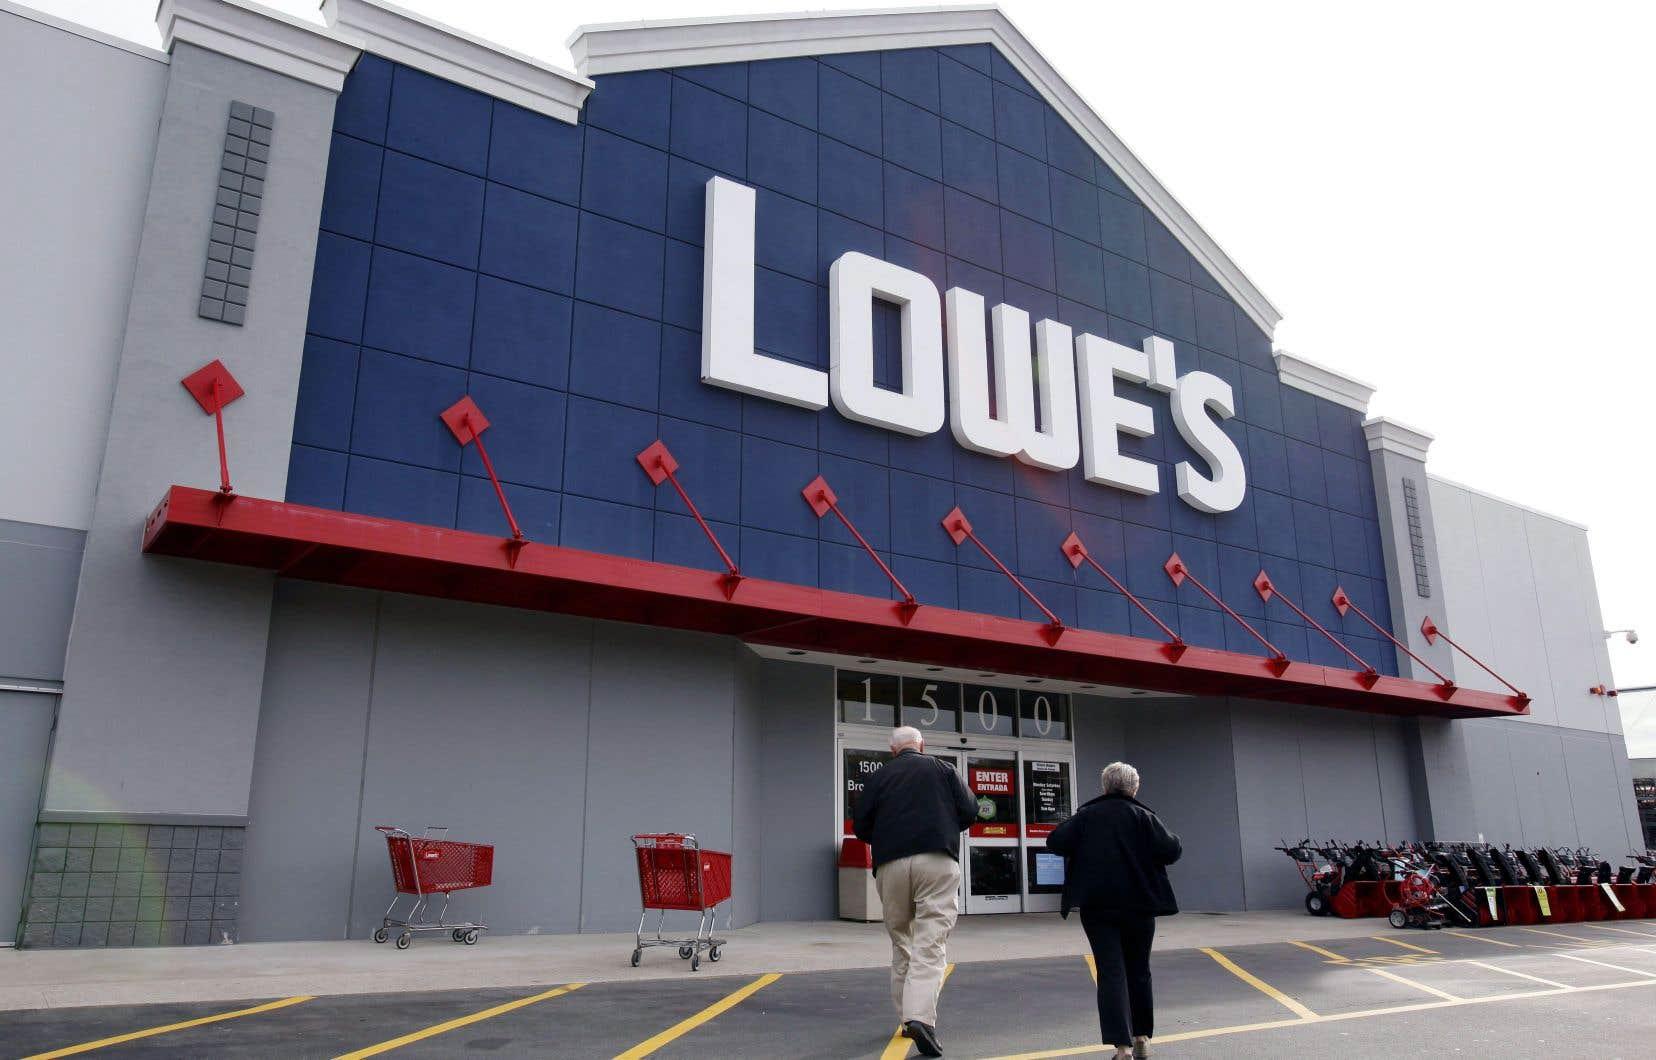 La chaîne tiendra une journée nationale d'embauche le 14mars dans tous les magasins corporatifs Lowe's, RONA et Réno-Dépôt au Canada.